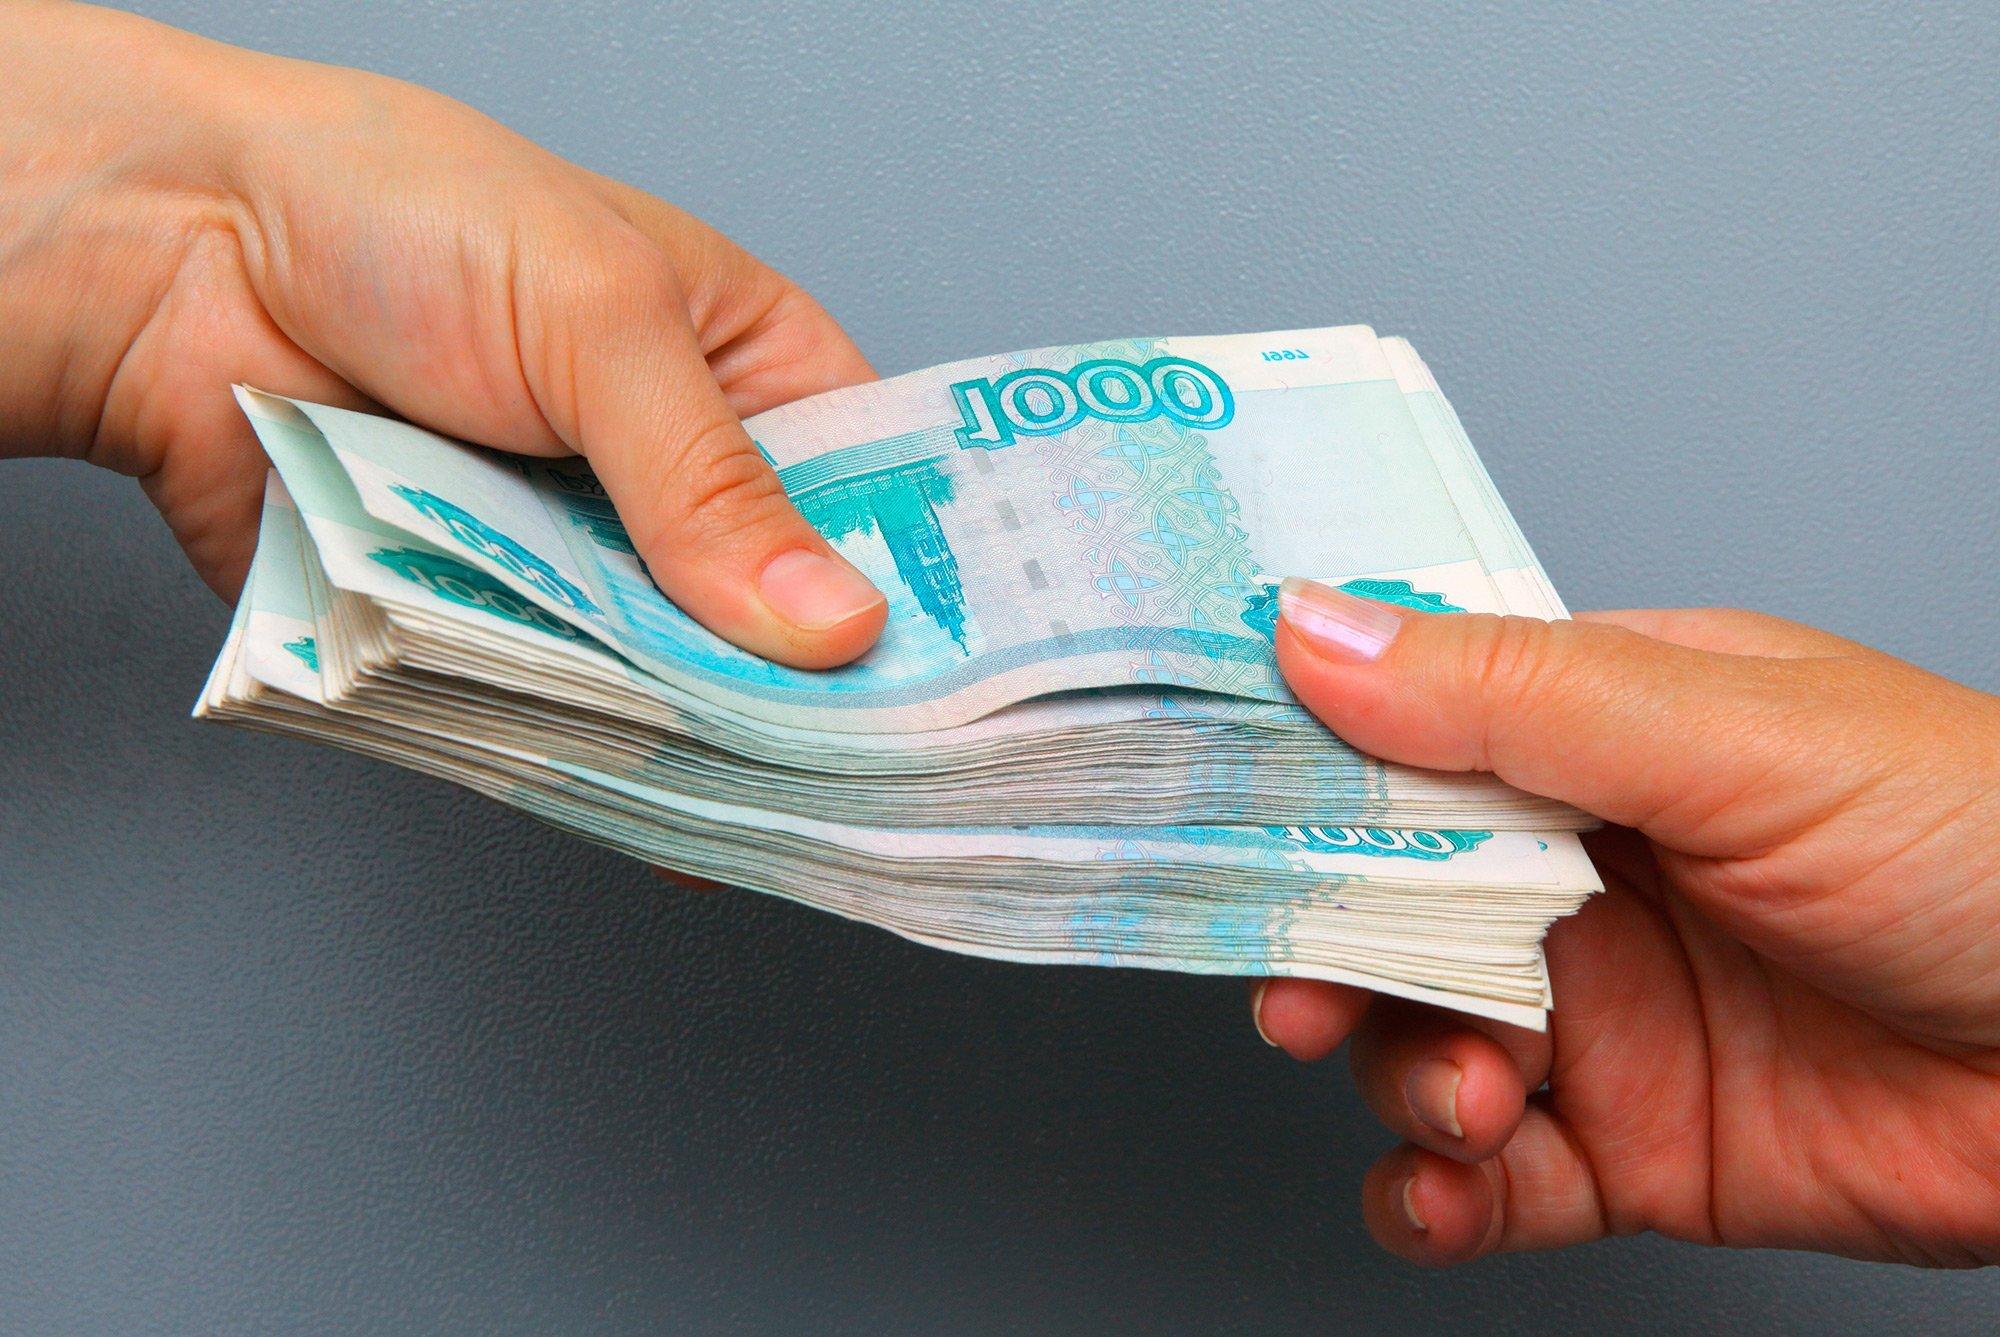 Размер микрозаймов в России увеличился